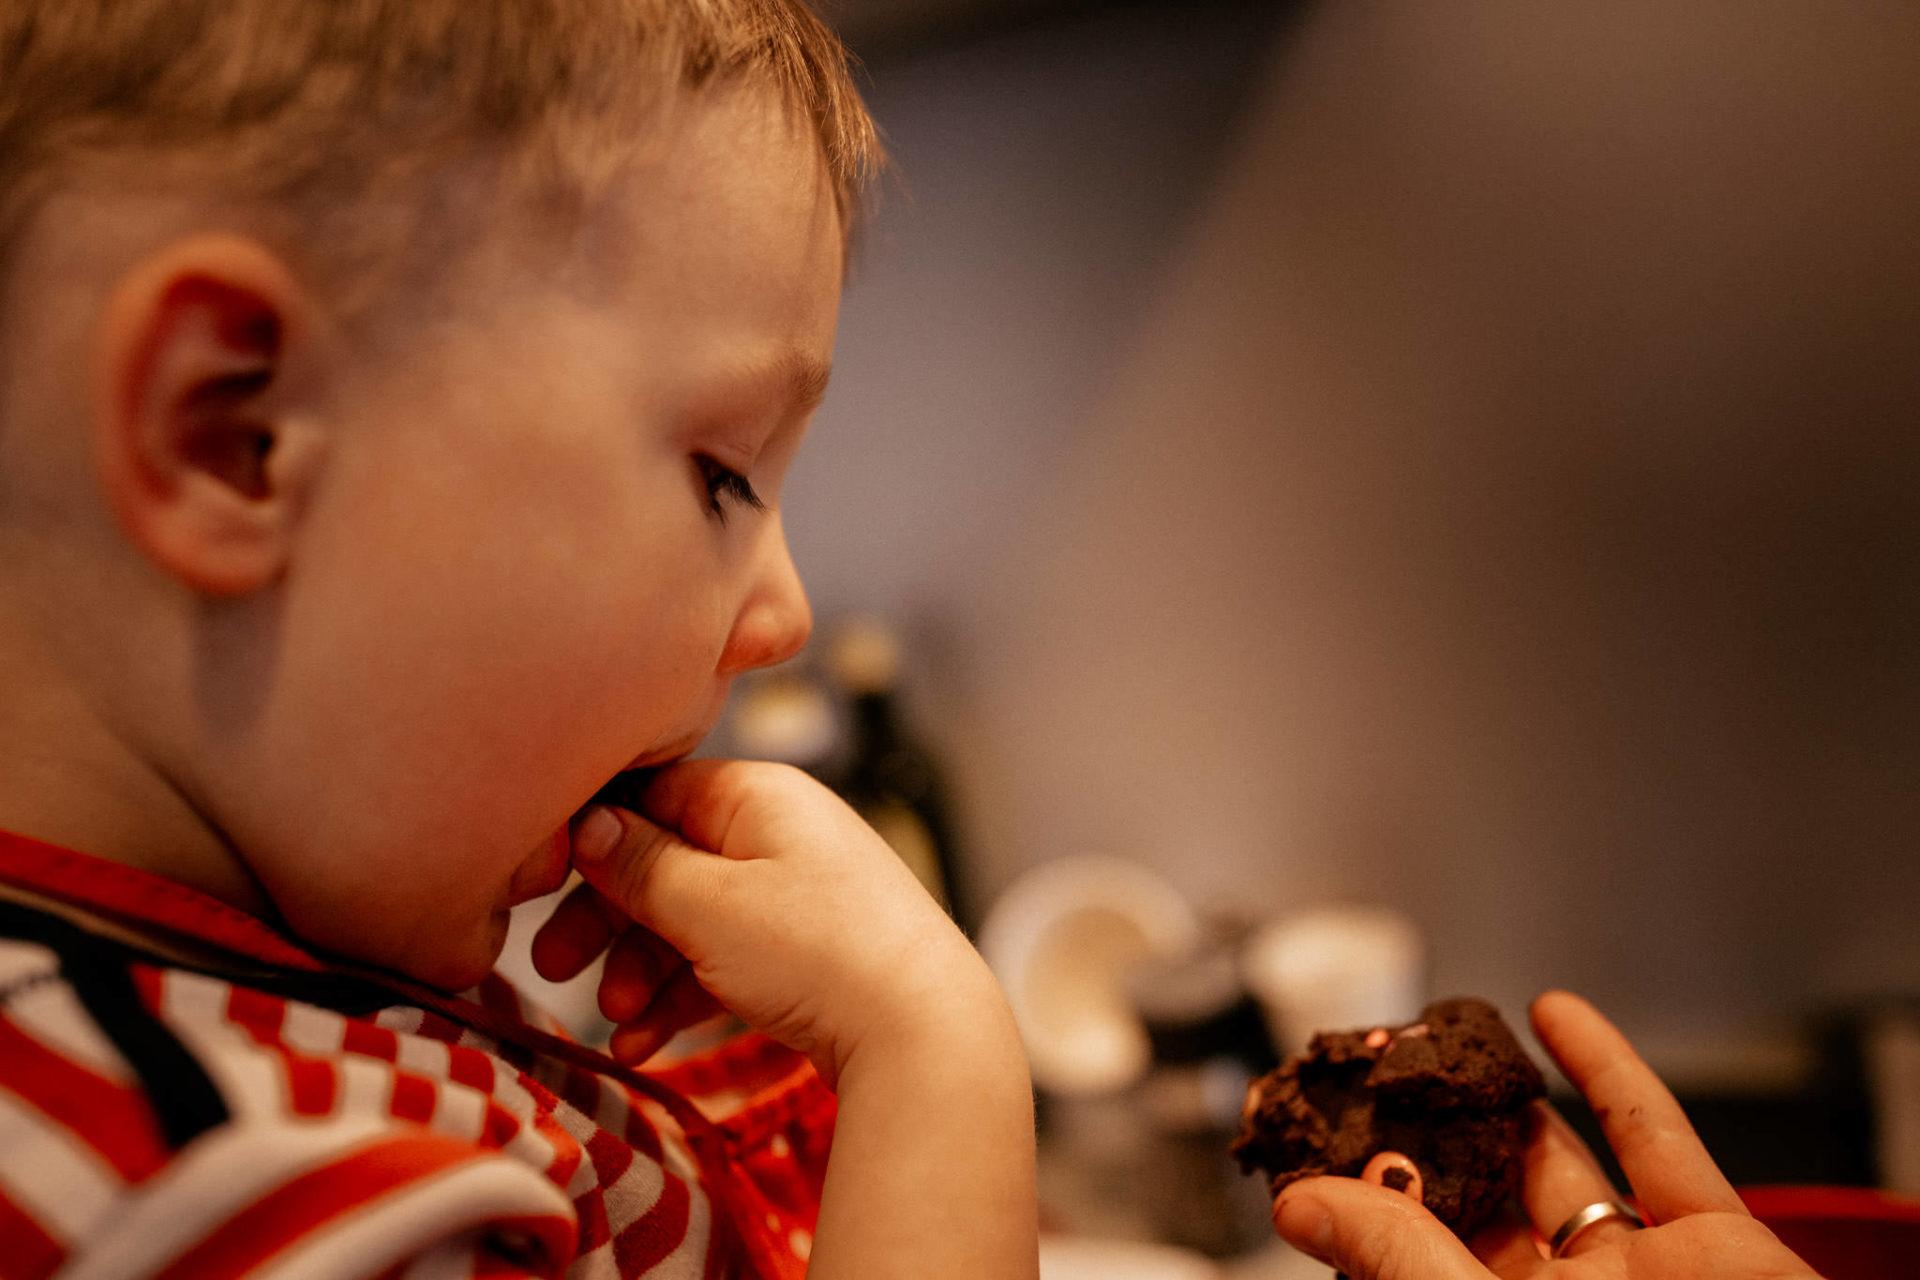 familienfotografie-mainz-journalistische-kinderbilder-dreijaehriger-backt-plätzchen-smarties-cookies